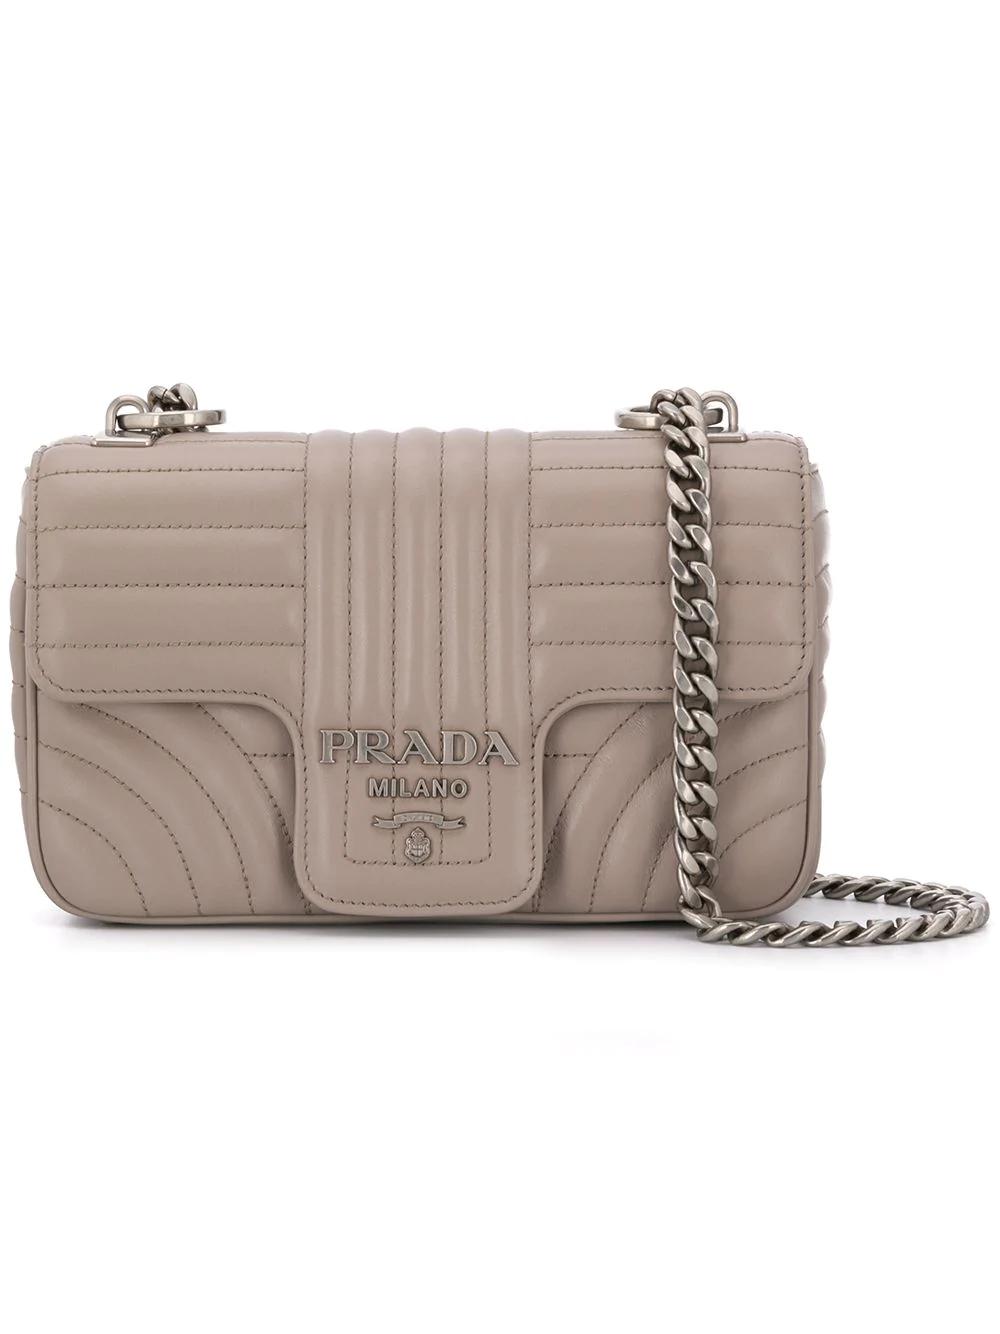 68e0b75ffc1c PRADA. Prada Prada Diagramme Leather Shoulder Bag - Pink